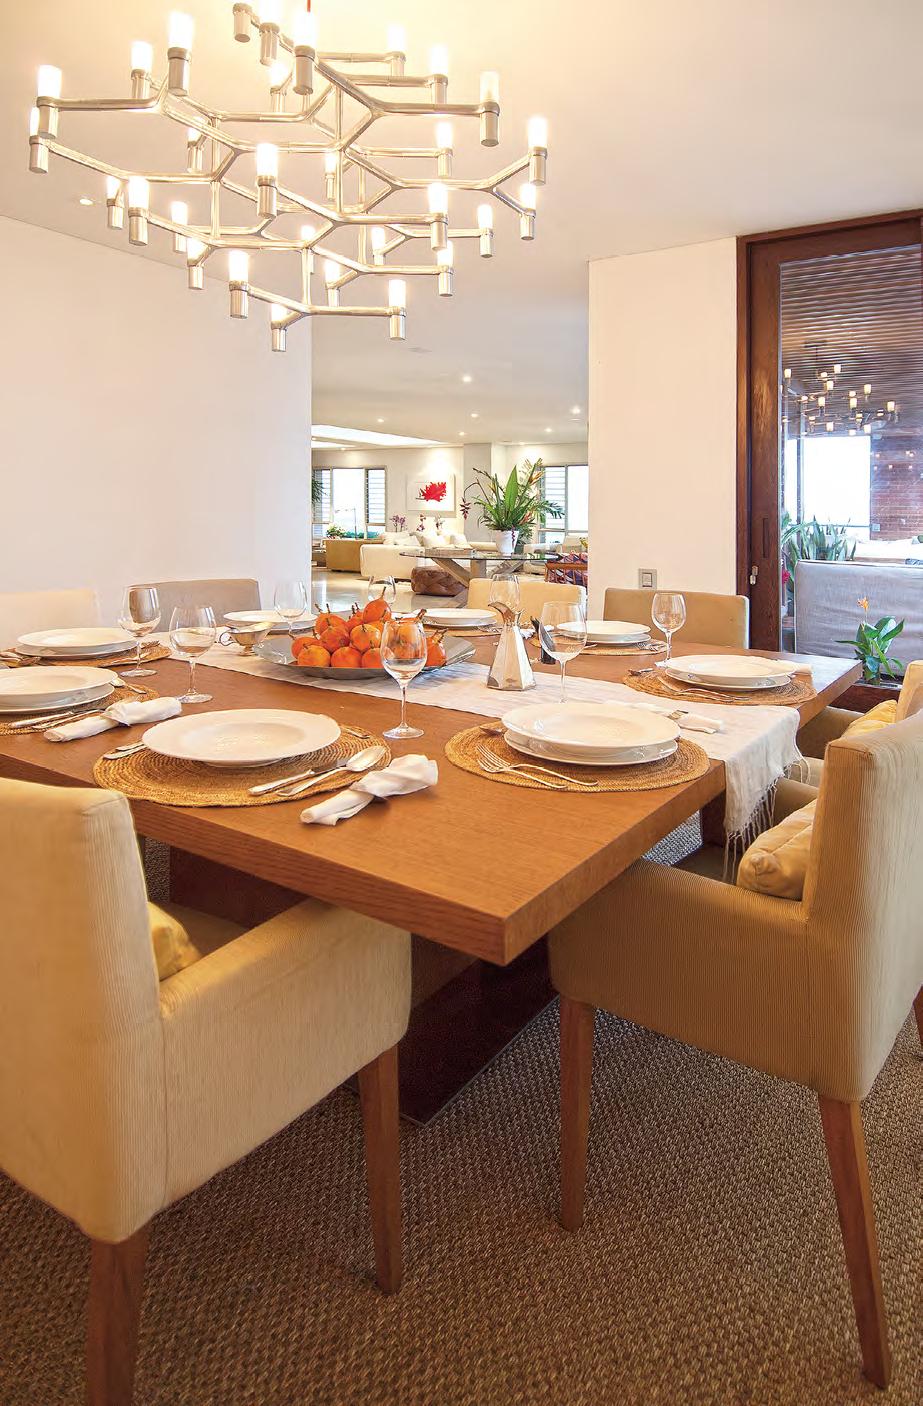 LA LÁMPARA EN ACERO CEPILLADO enmarca el comedor, que ve complementada su mesa de madera con las sillas en seda y algodón, diseño de Ralph Lauren.